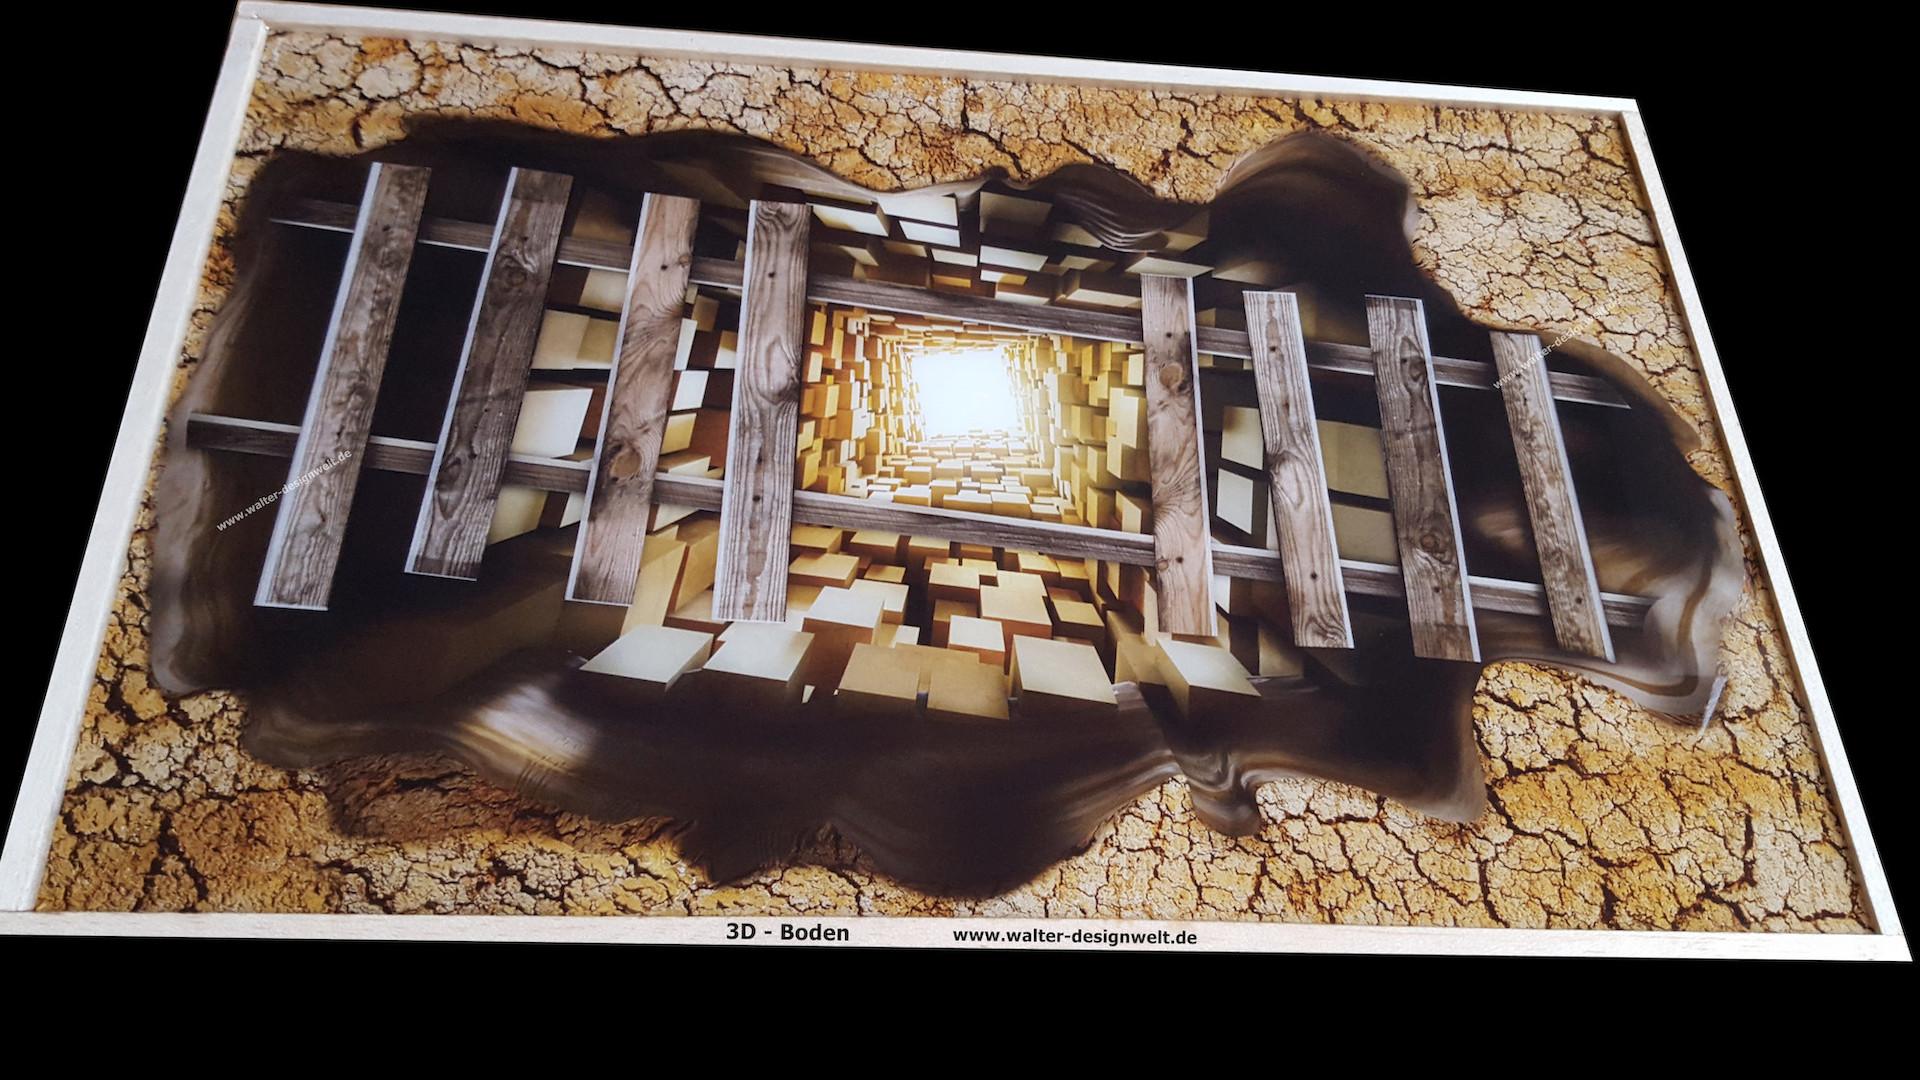 3d Fußboden Bilder Kaufen ~ Epoxy & 3d boden walter designwelt